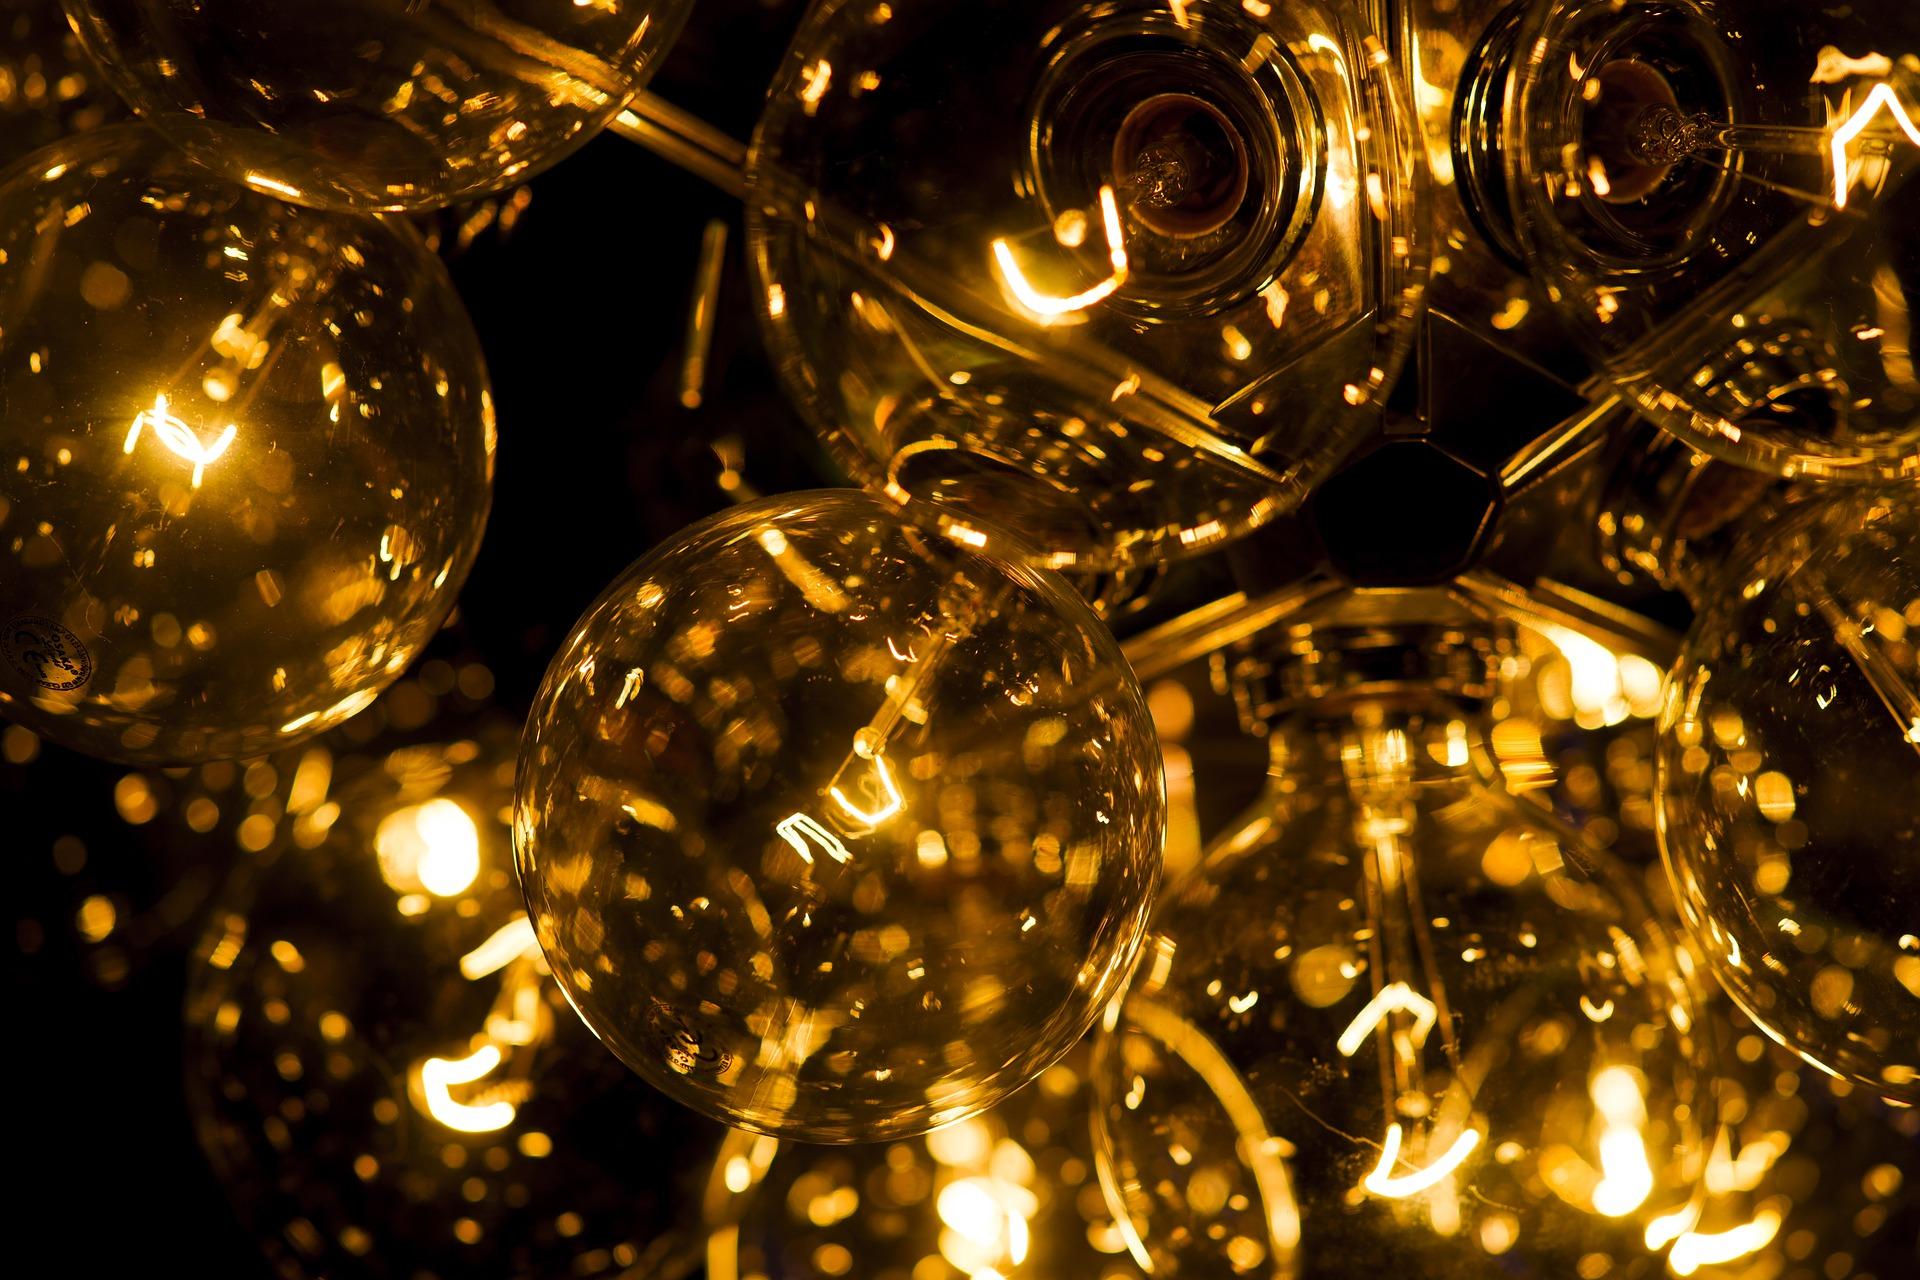 light-3019905_1920